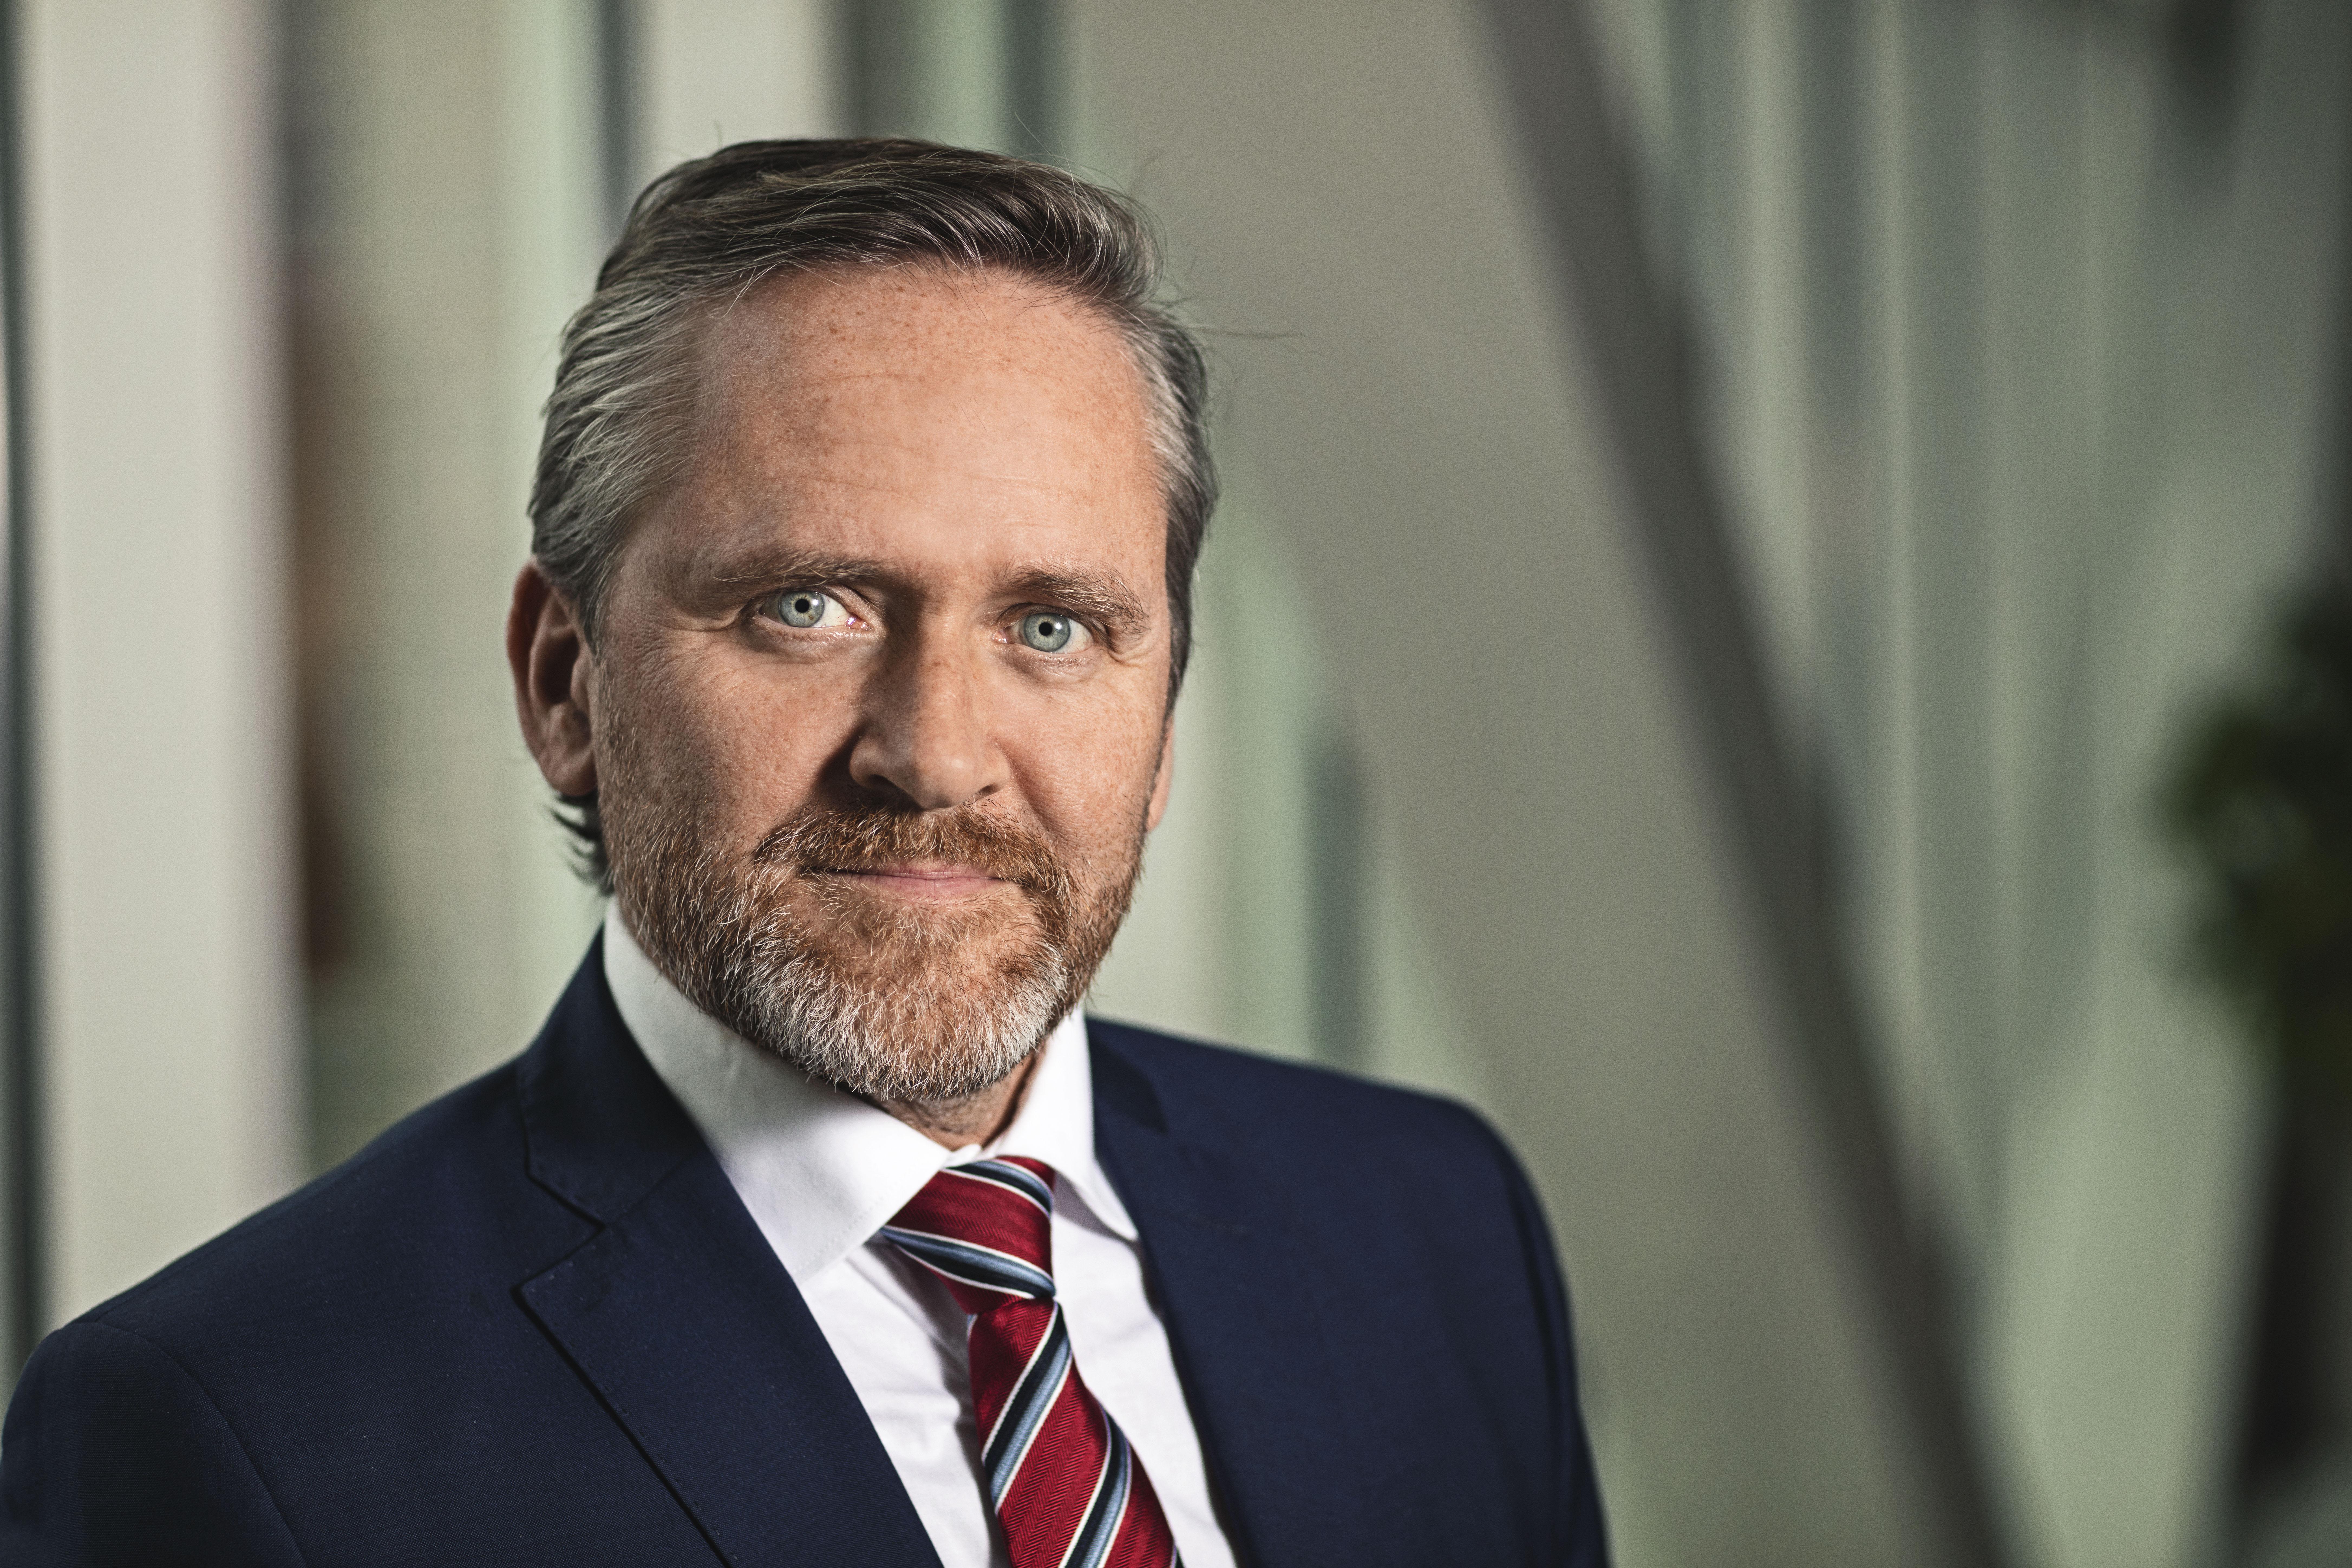 Створення антикорупційного суду – необхідна умова для прогресу, – голова МЗС Данії